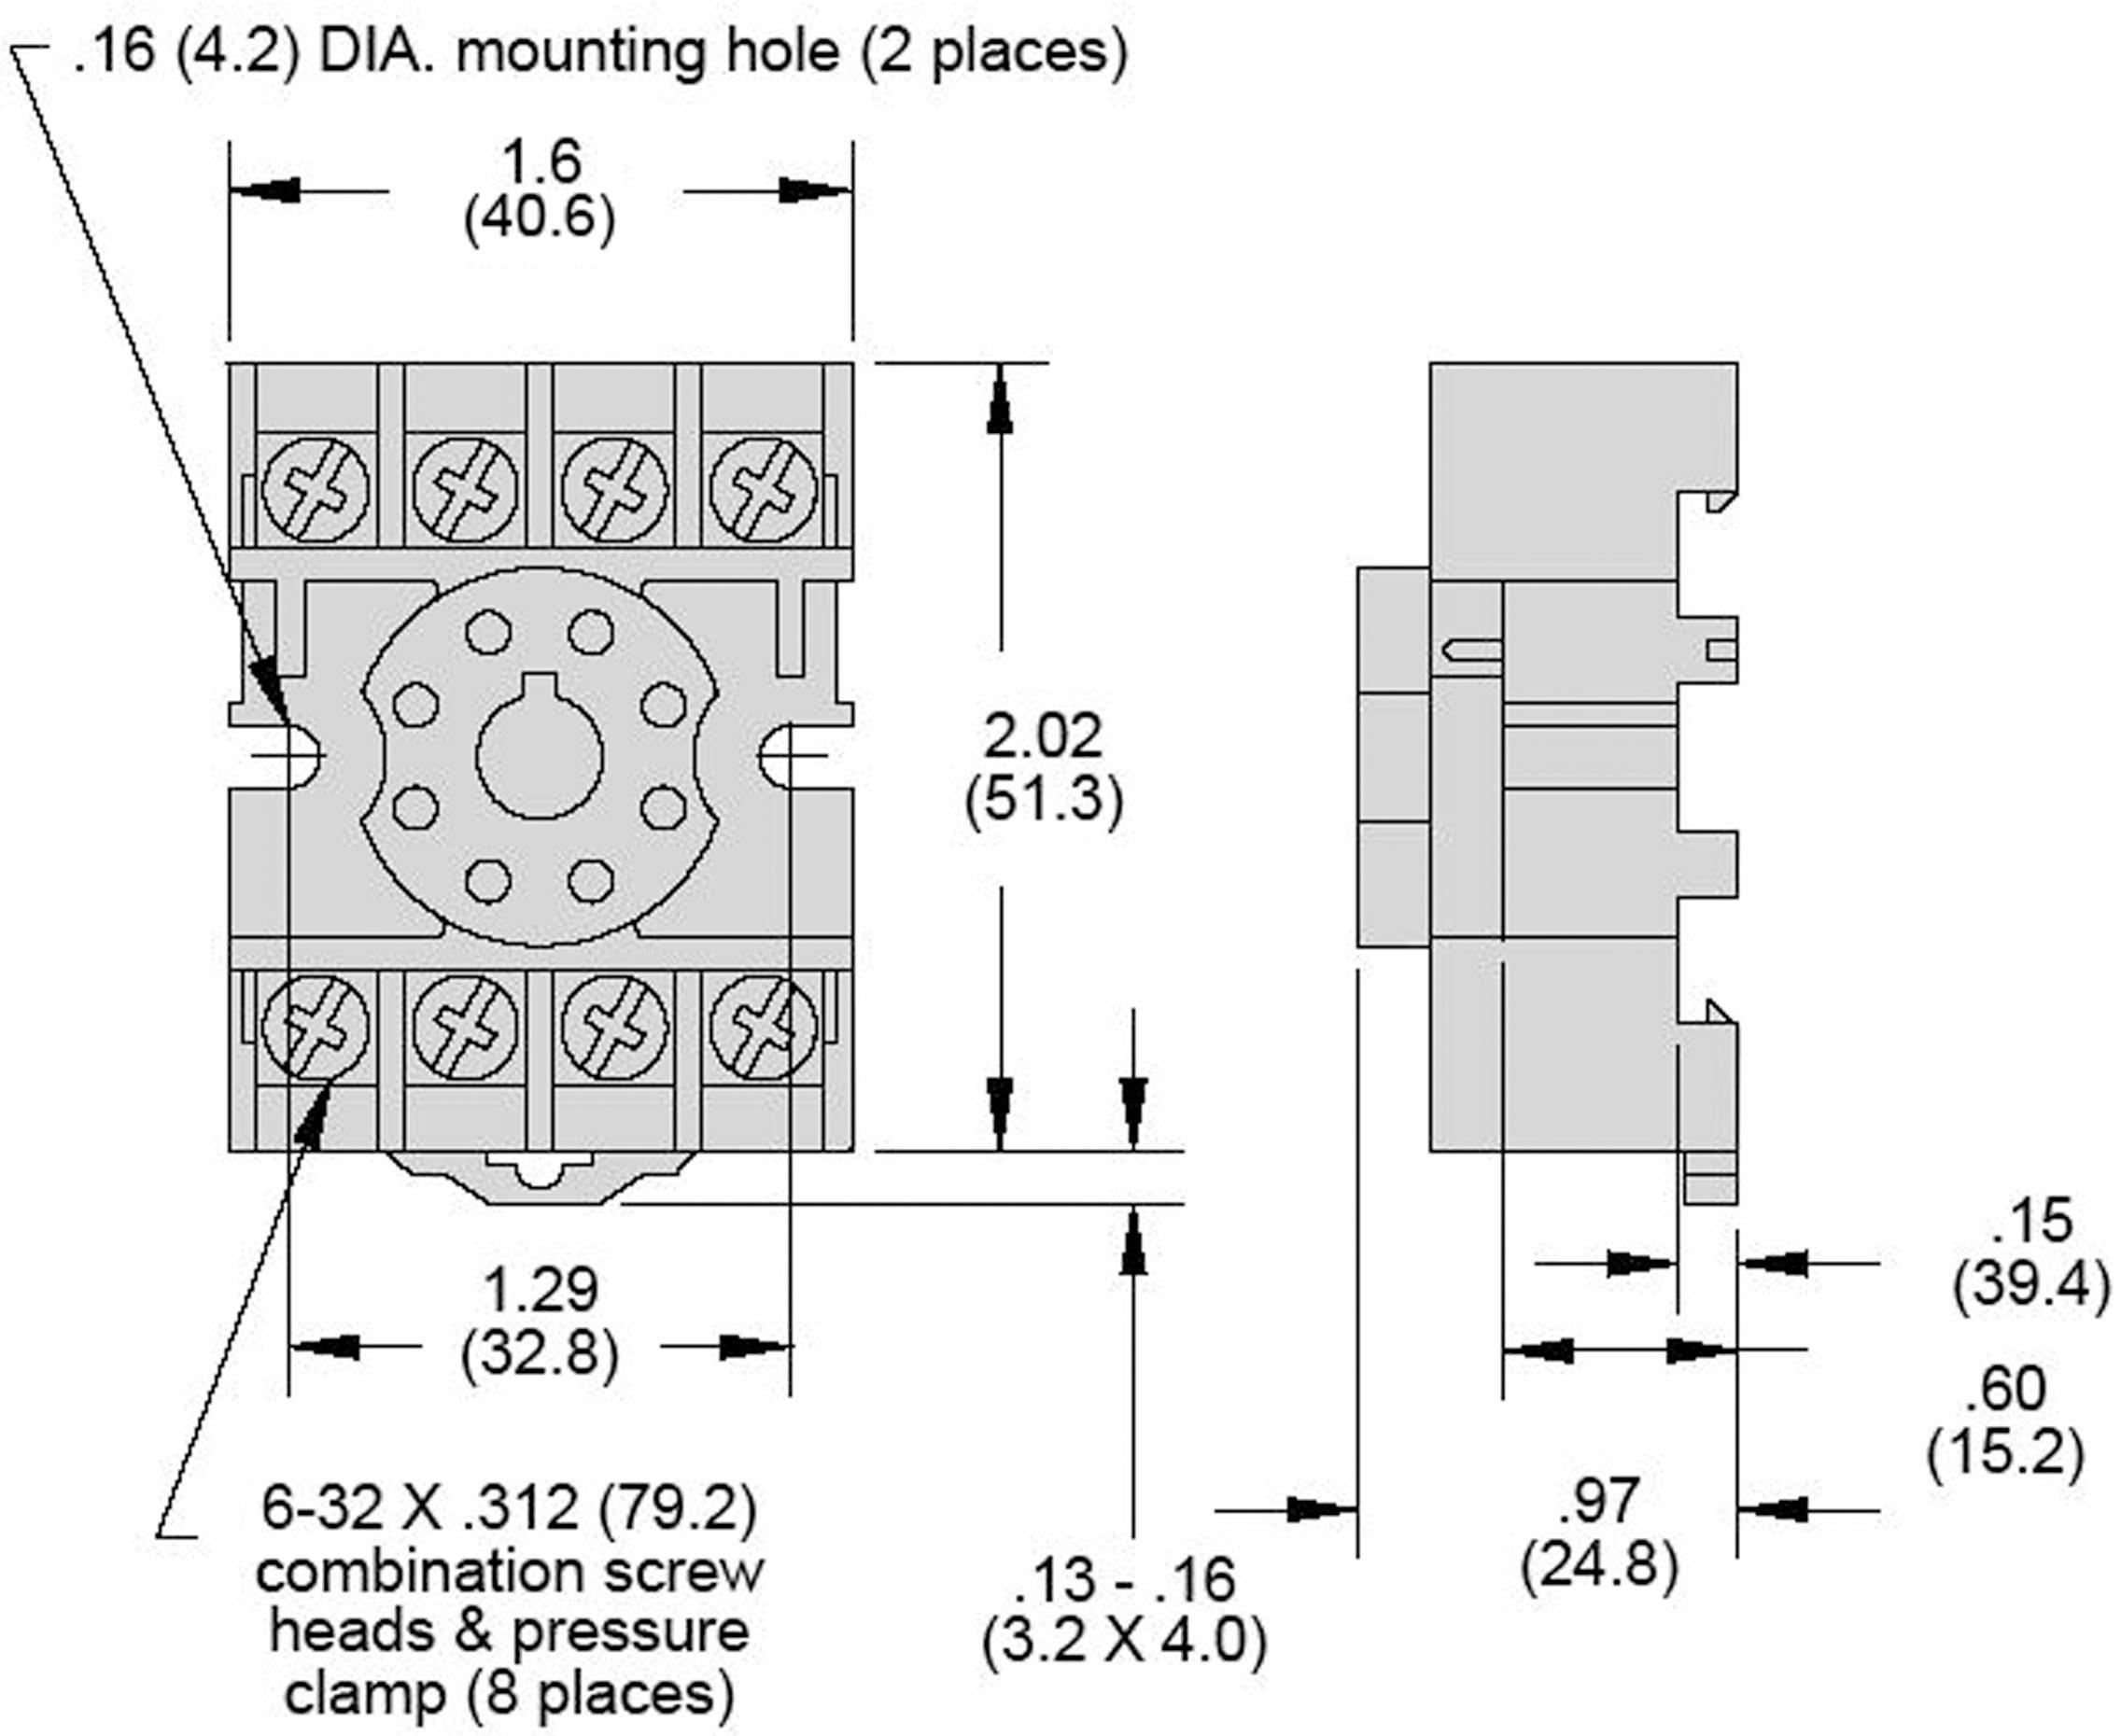 octal relay wiring diagram wiring diagrams8 pin relay wire diagram wiring schematic wiring diagrams 8 pin relay wire diagram wiring schematic